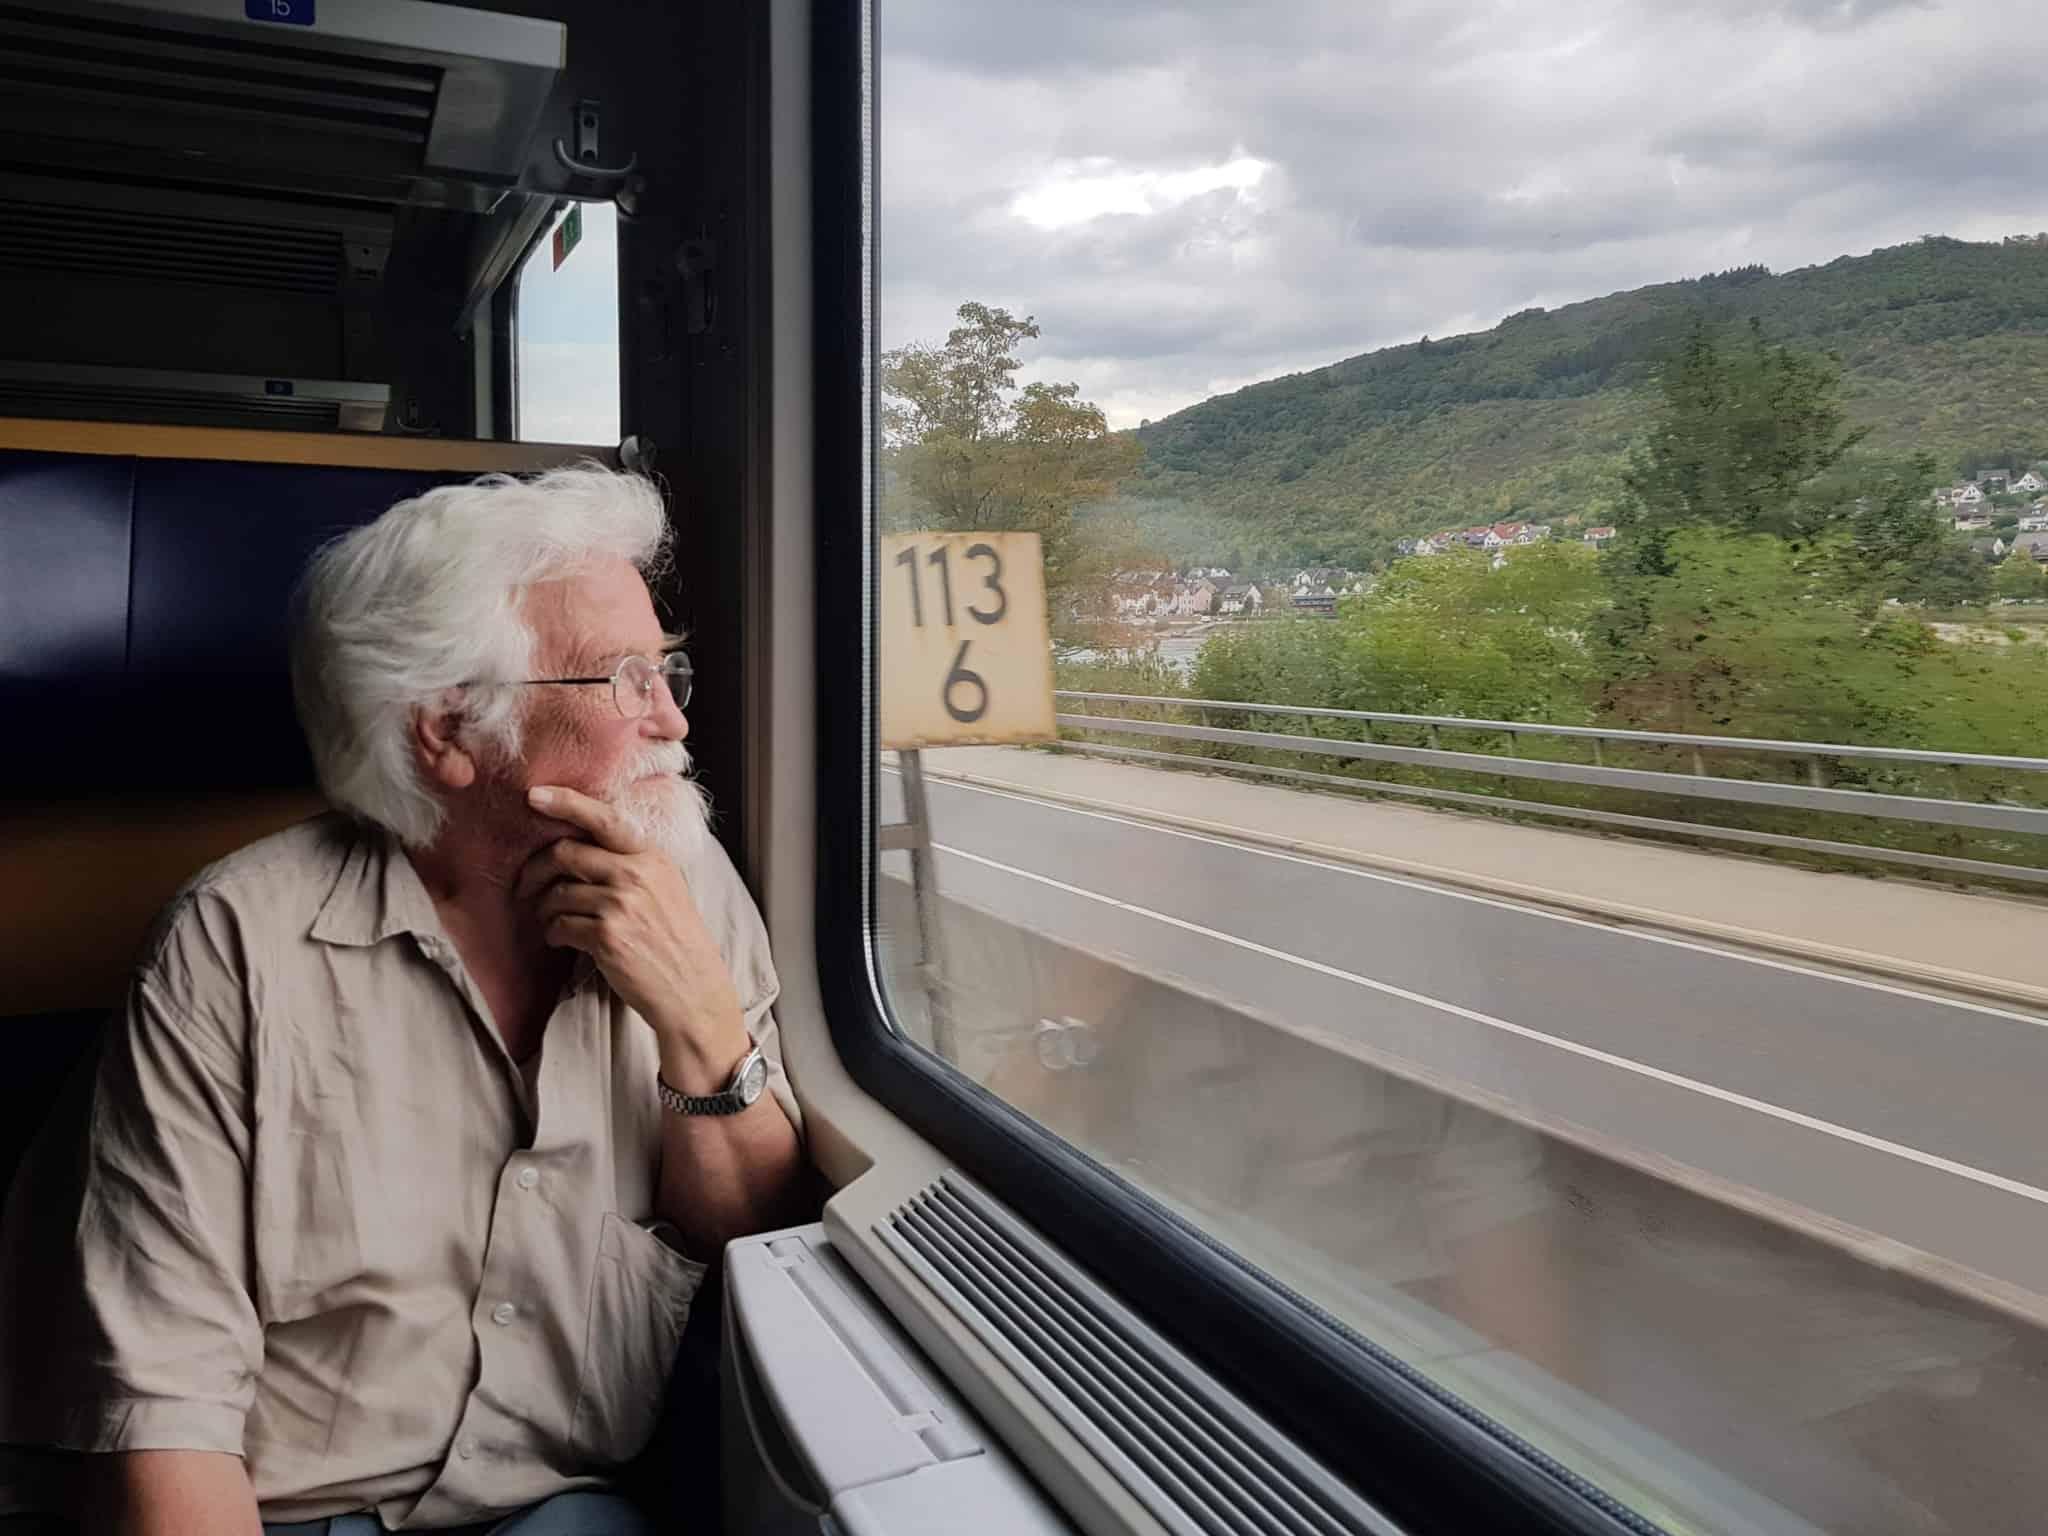 pessoa mais velha de cabelo branco a olhar para a janela dentro de um comboio